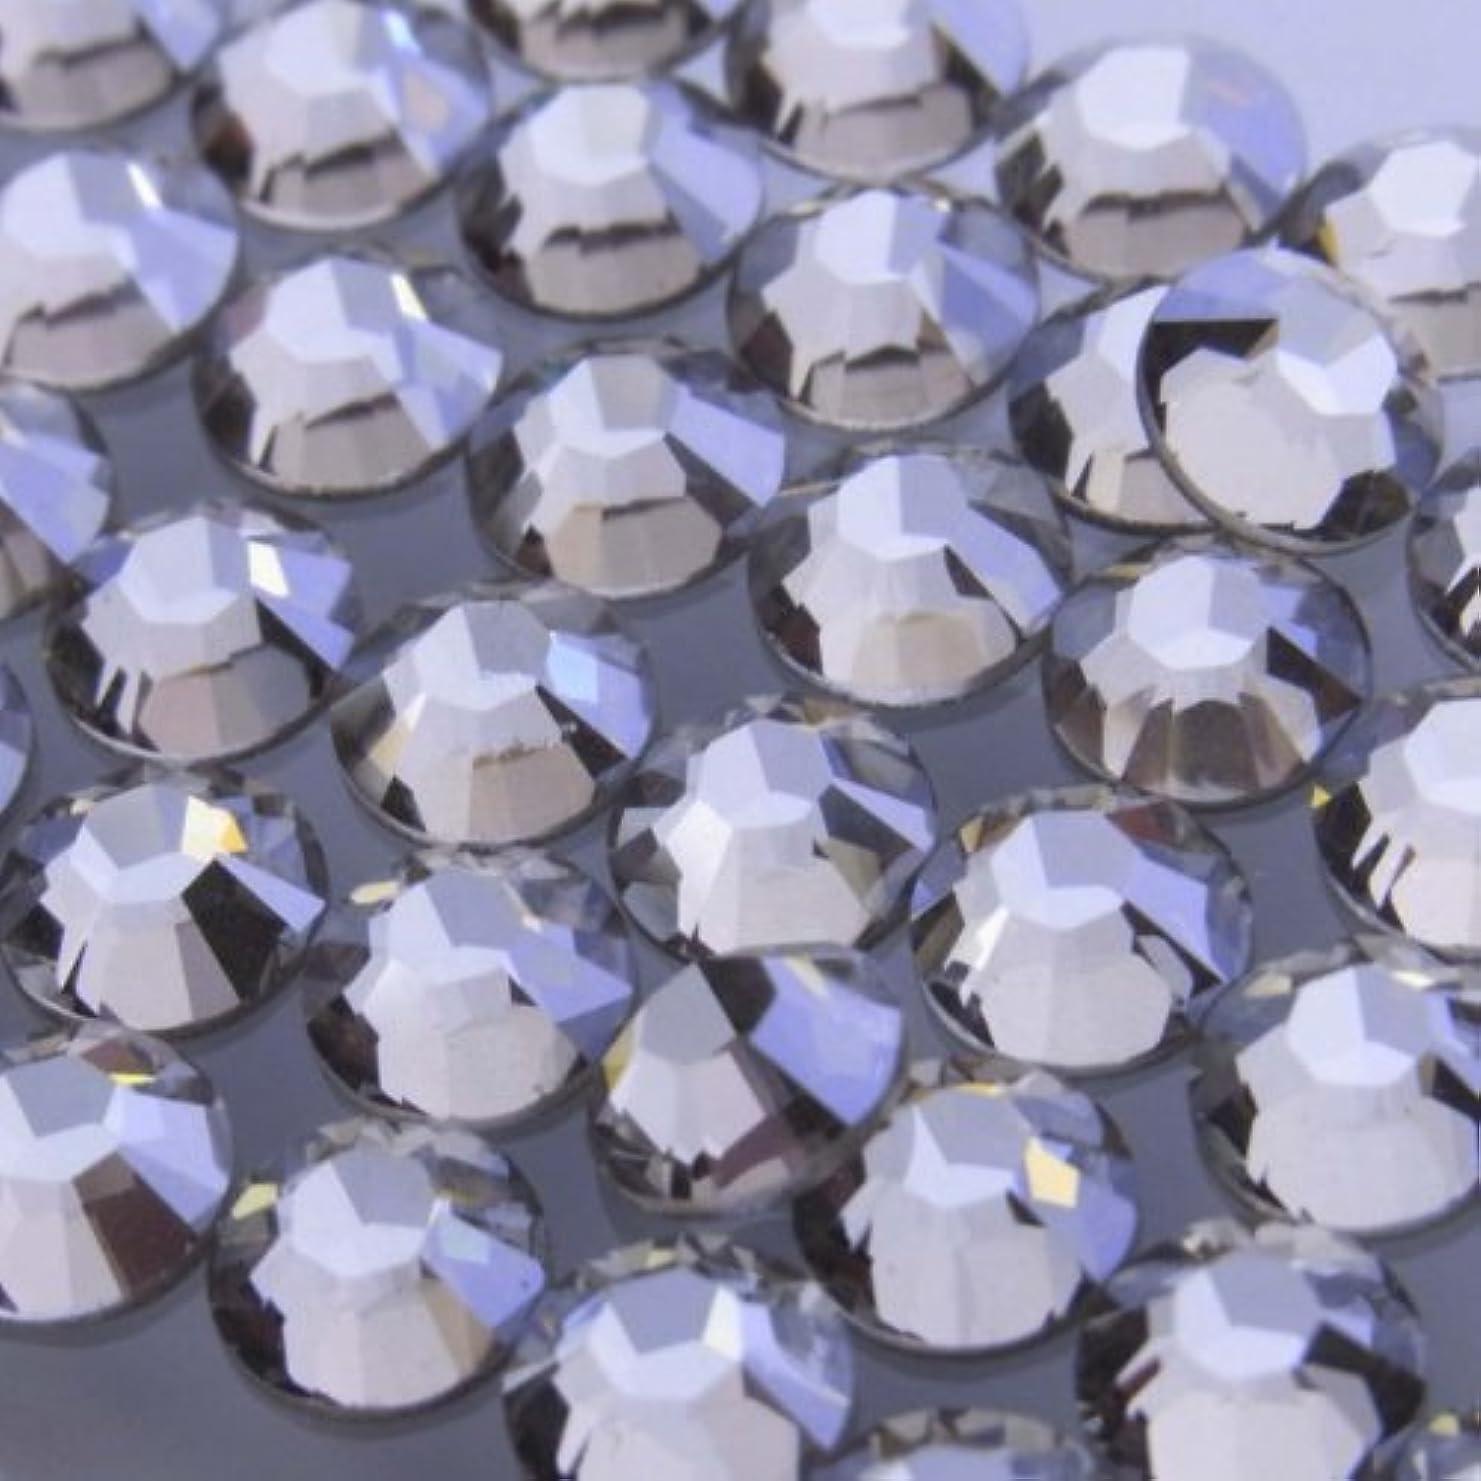 ホールドオール約暖炉Hotfixクリスタルシルバーシェイドss12(100粒入り)スワロフスキーラインストーンホットフィックス